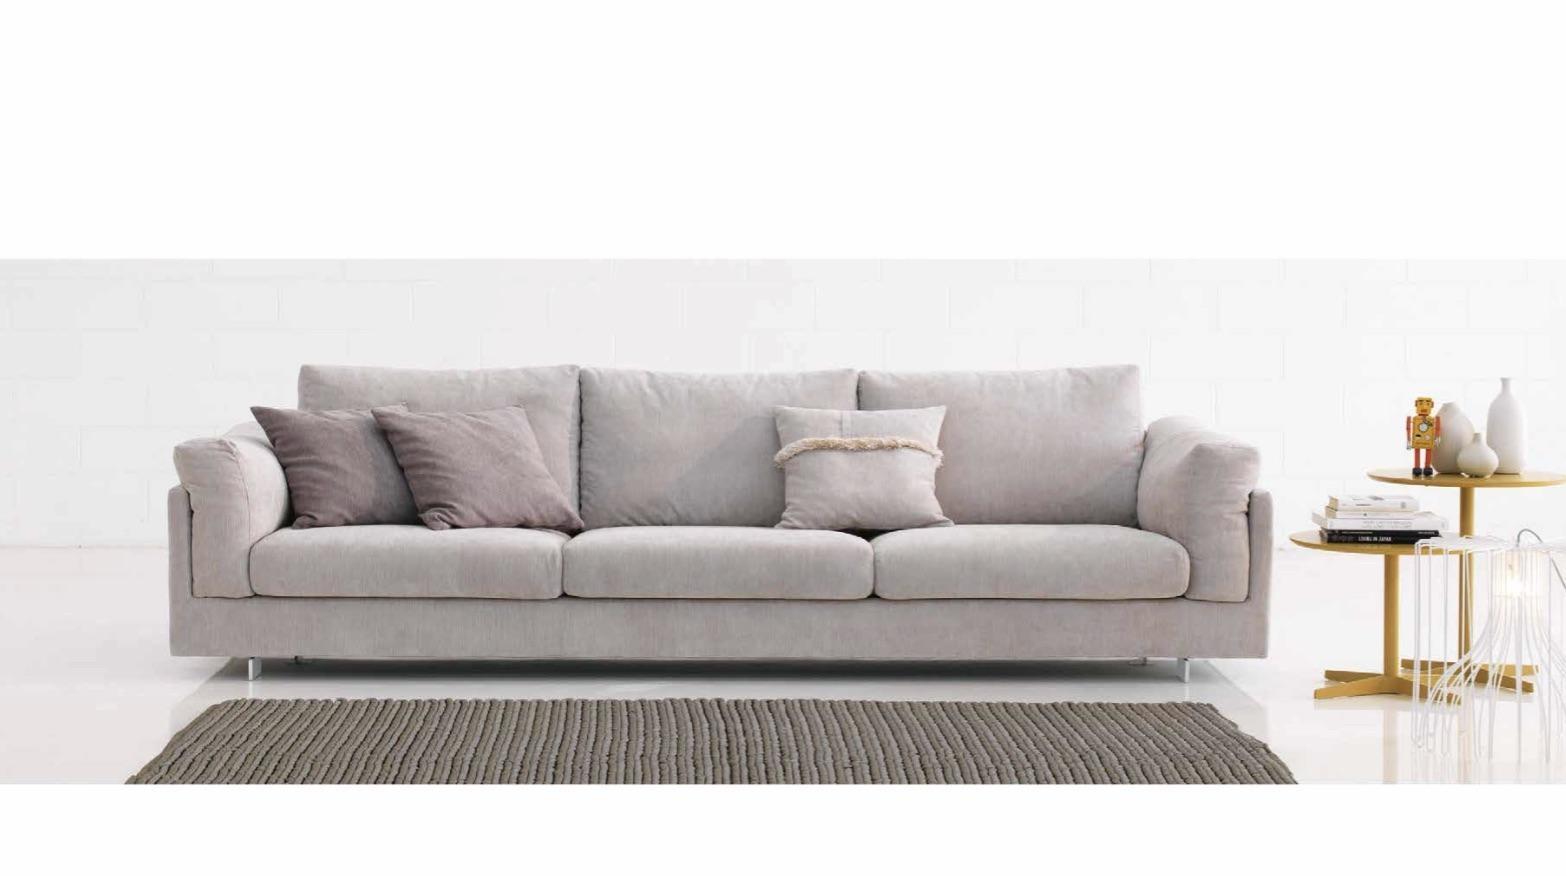 Italian Sofas At Momentoitalia – Modern Sofas,designer Sofas Regarding Modern Sofas (Image 8 of 20)